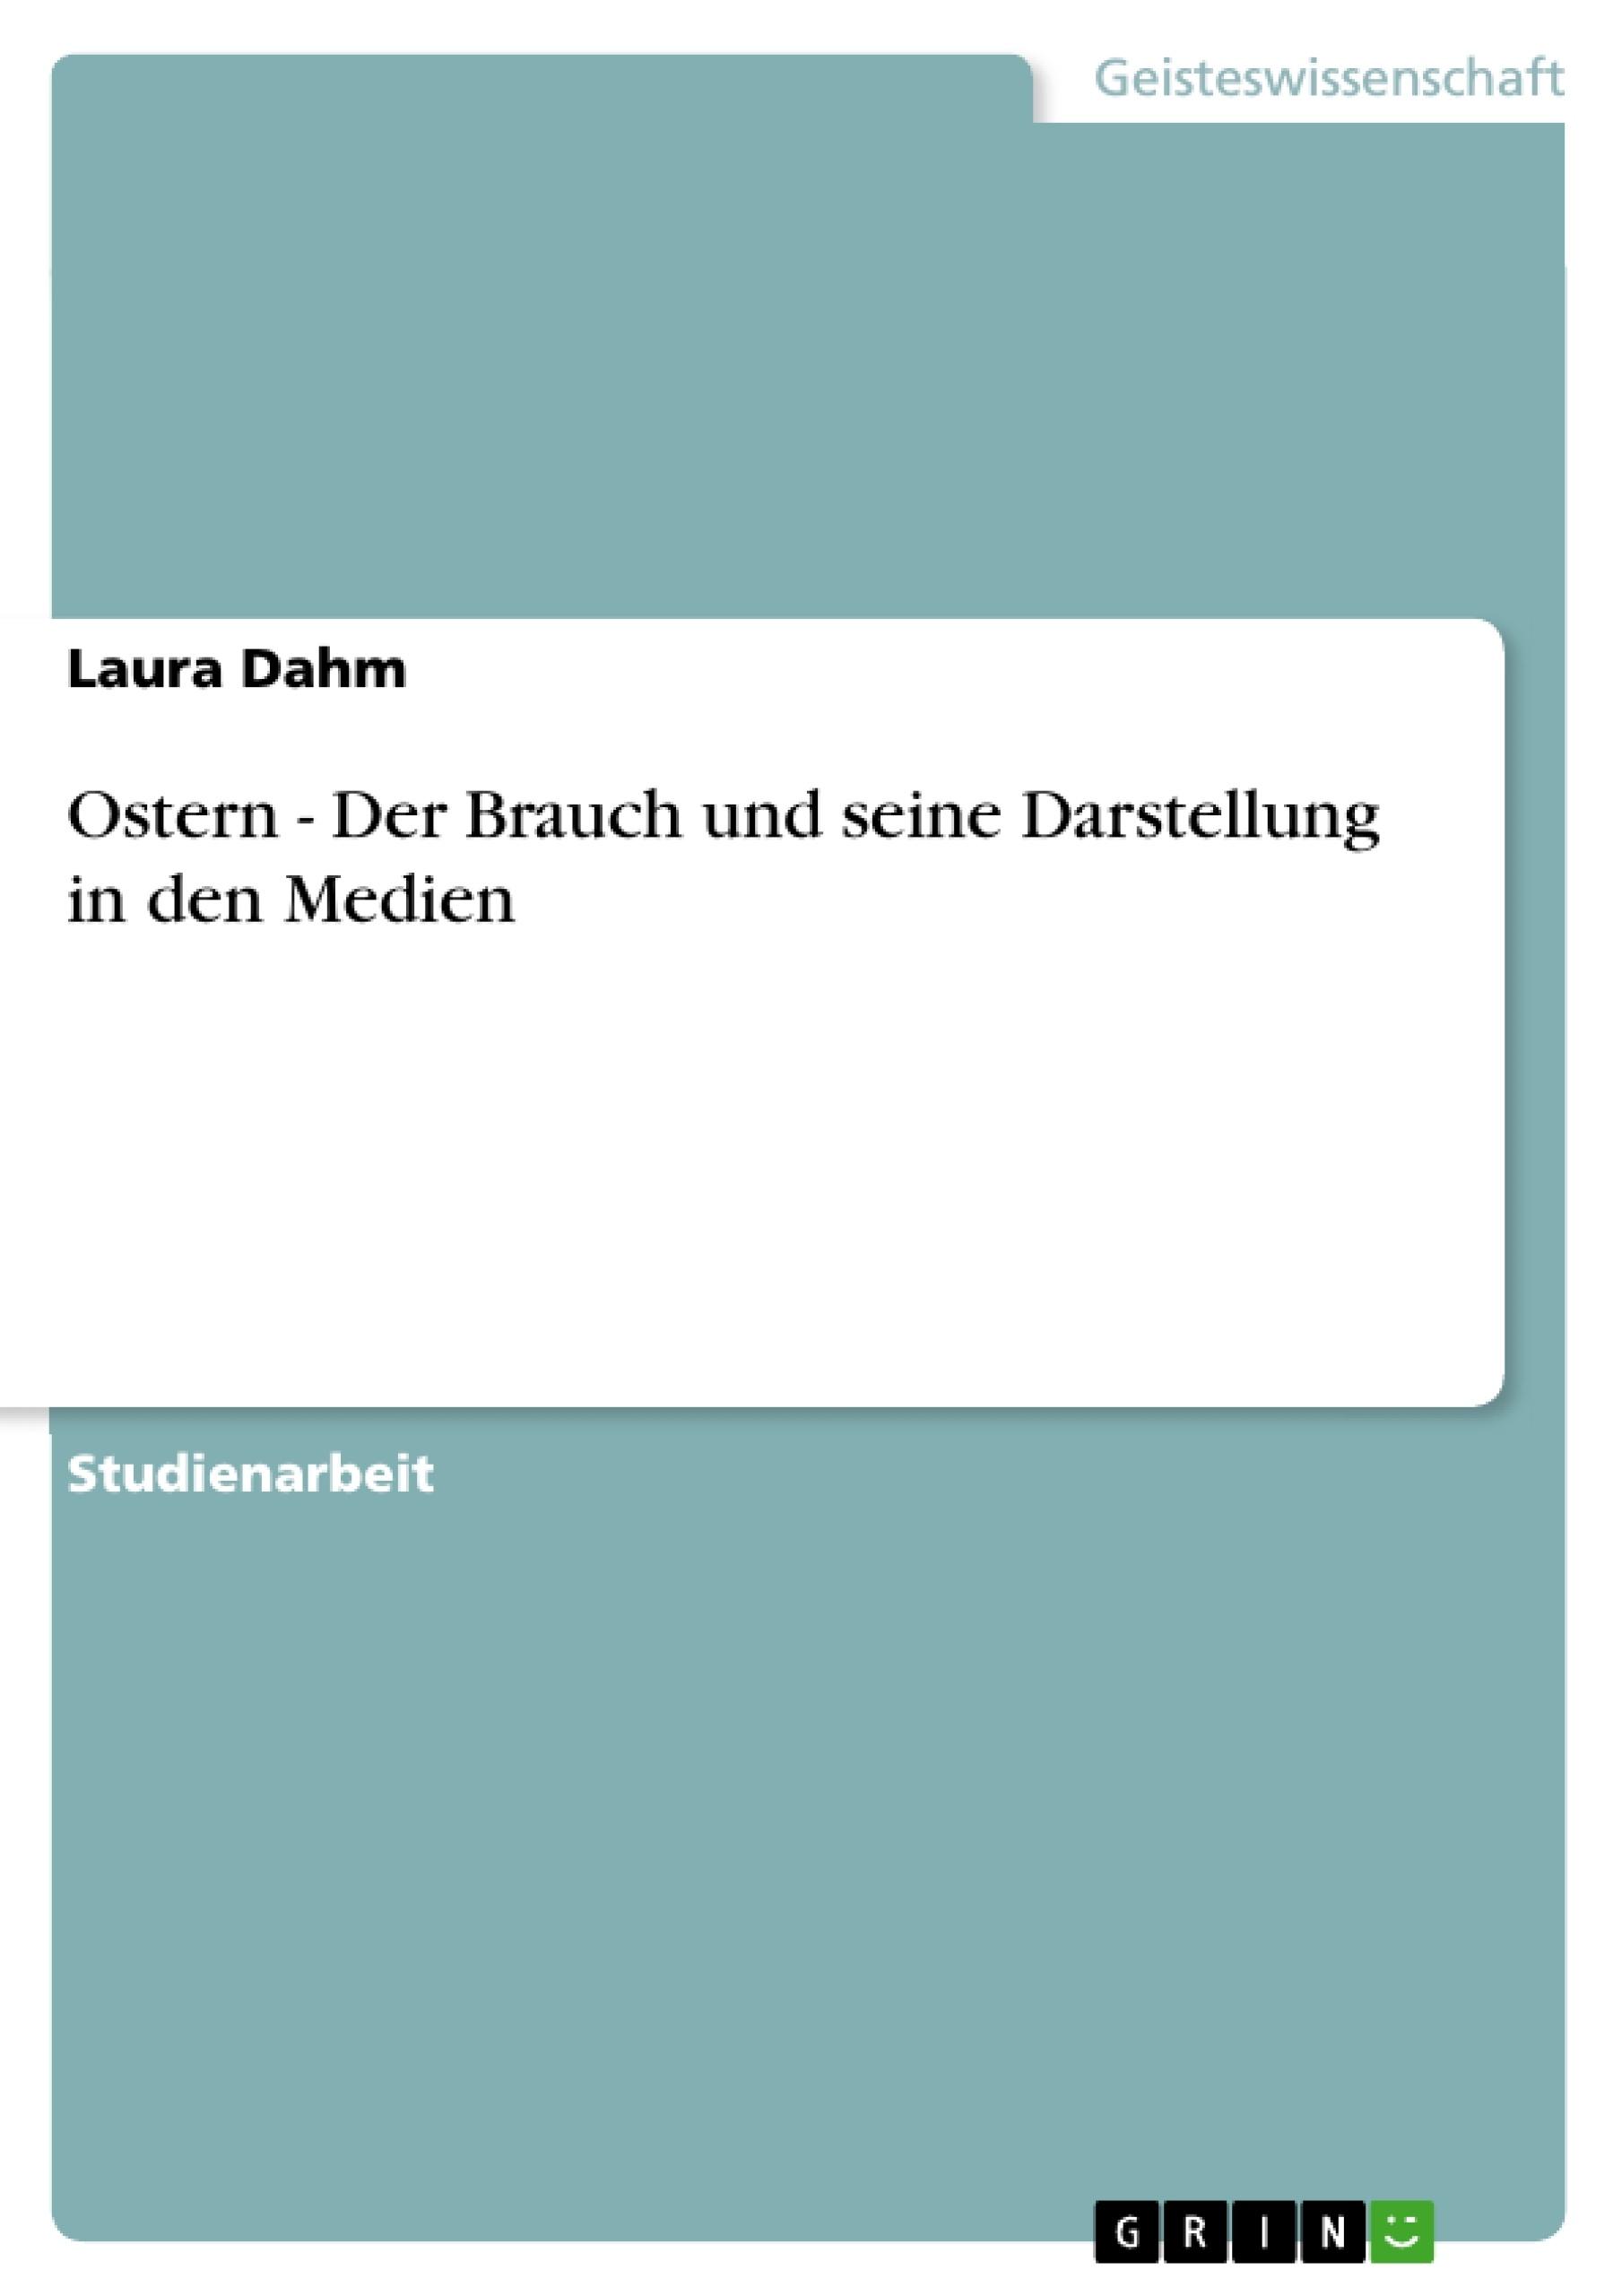 Titel: Ostern - Der Brauch und seine Darstellung in den Medien